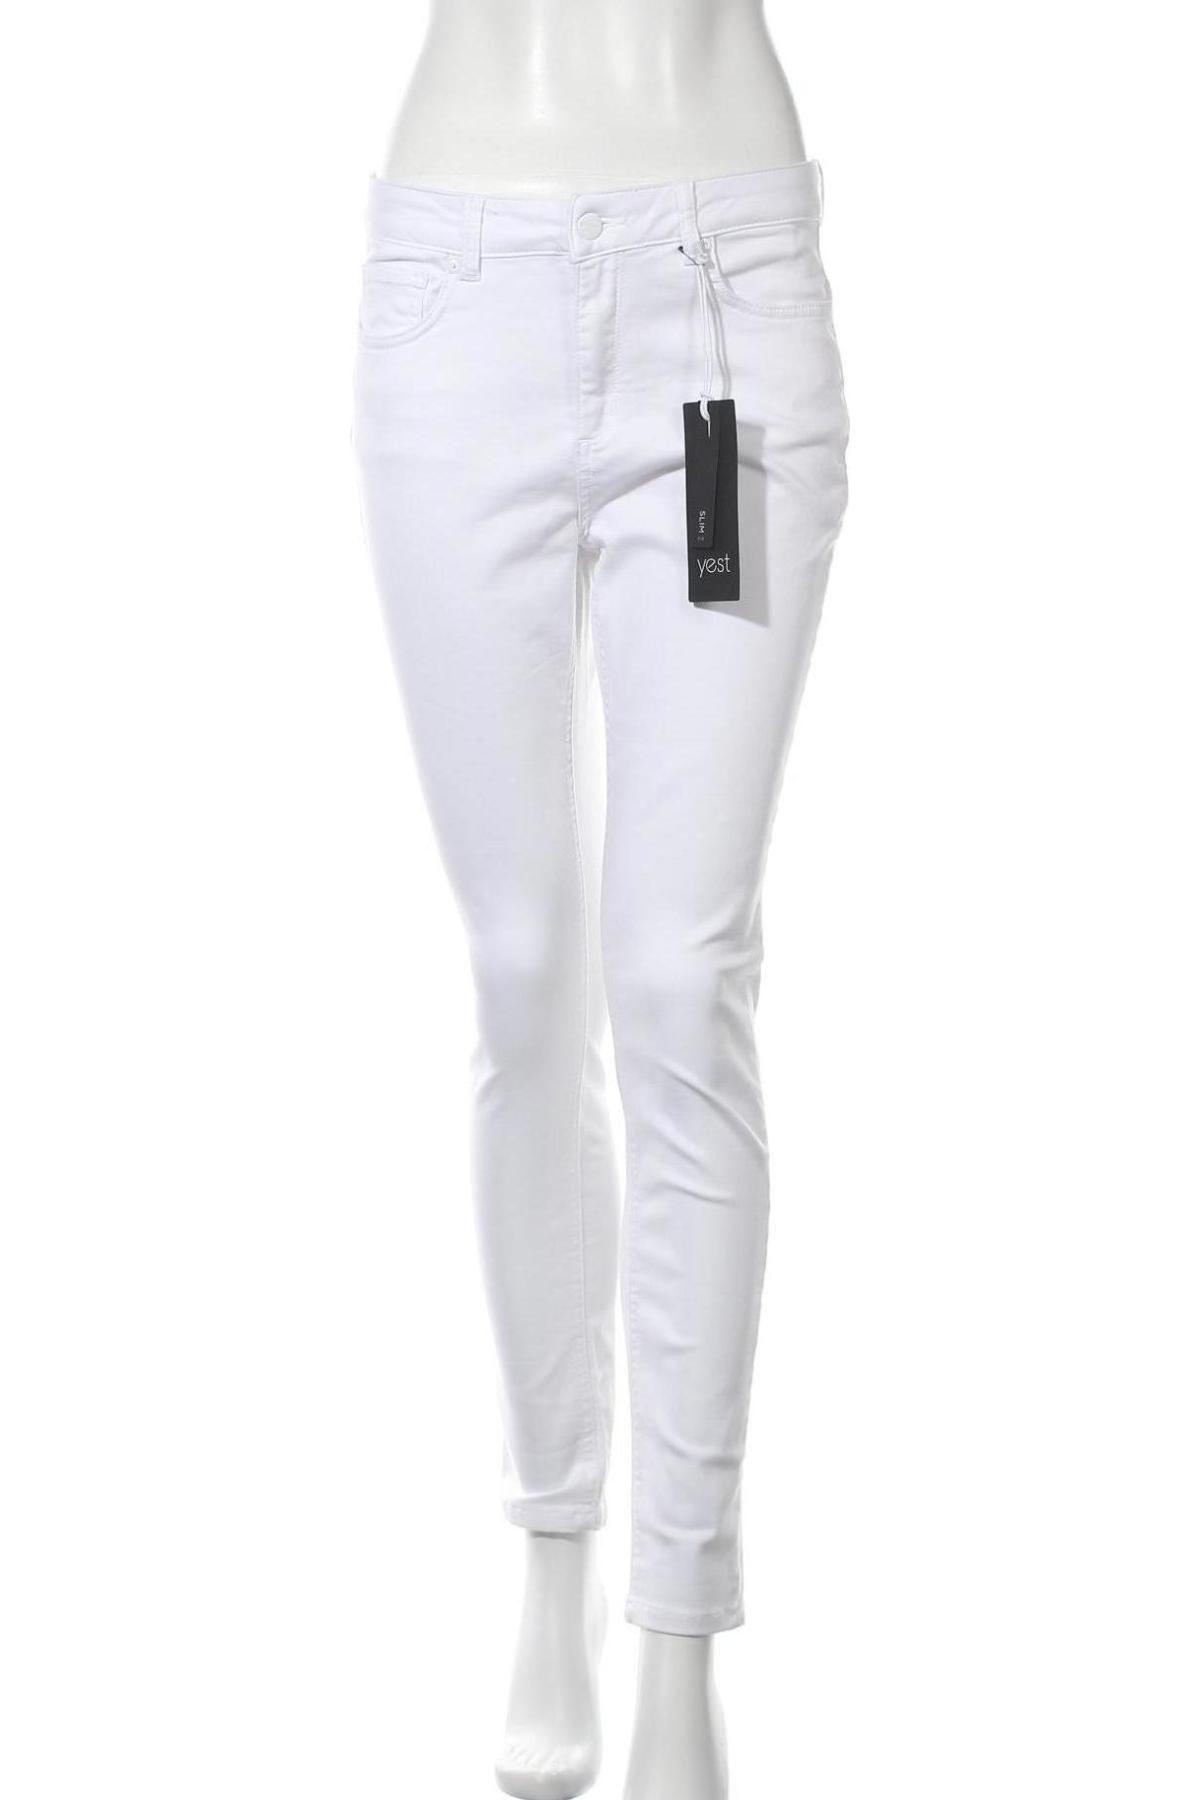 Дамски дънки Yest, Размер M, Цвят Бял, 62% памук, 35% полиестер, 3% еластан, Цена 24,72лв.